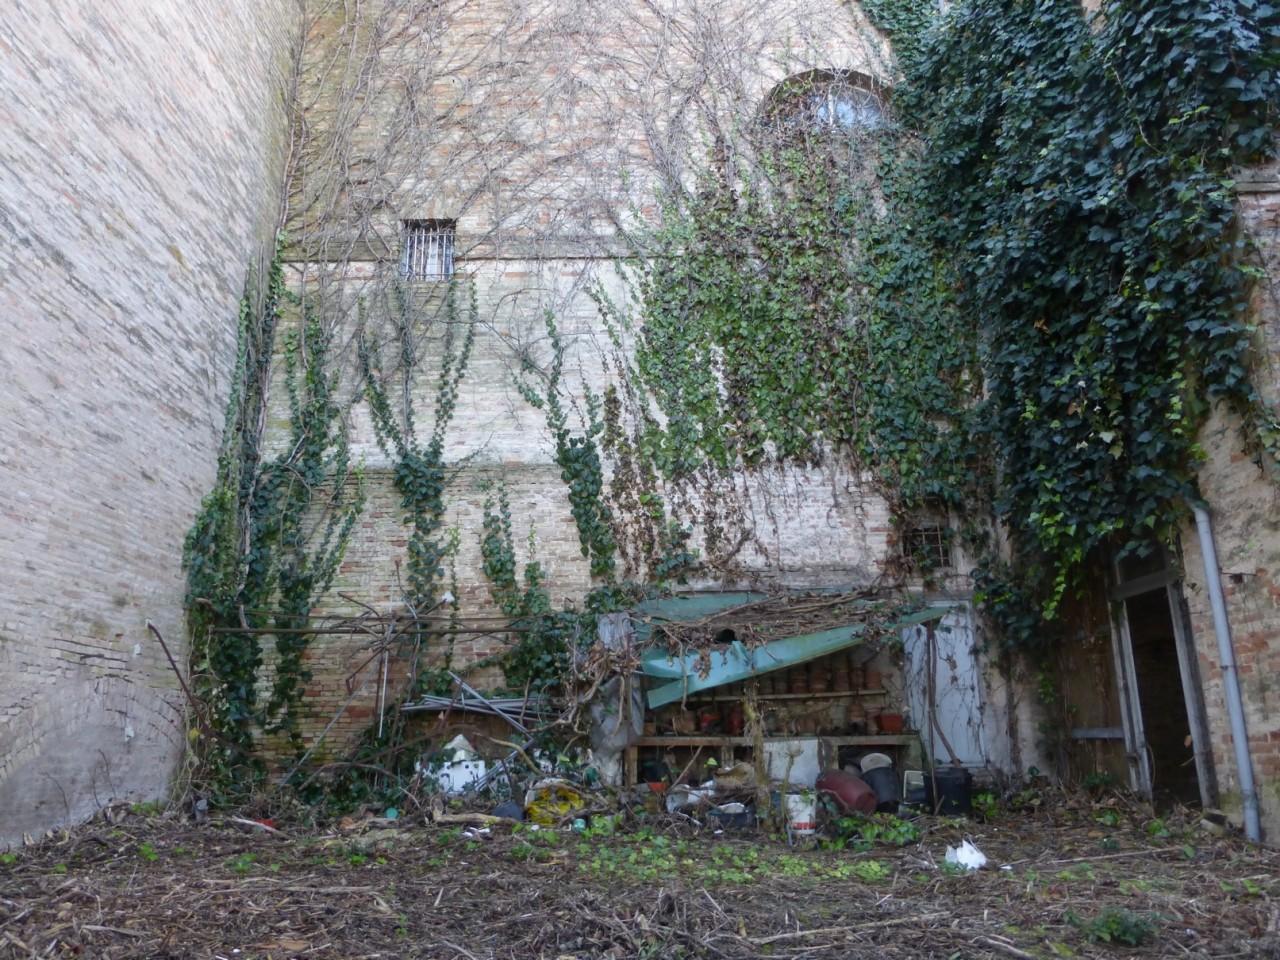 giardino monachette intermesoli macerata (4)